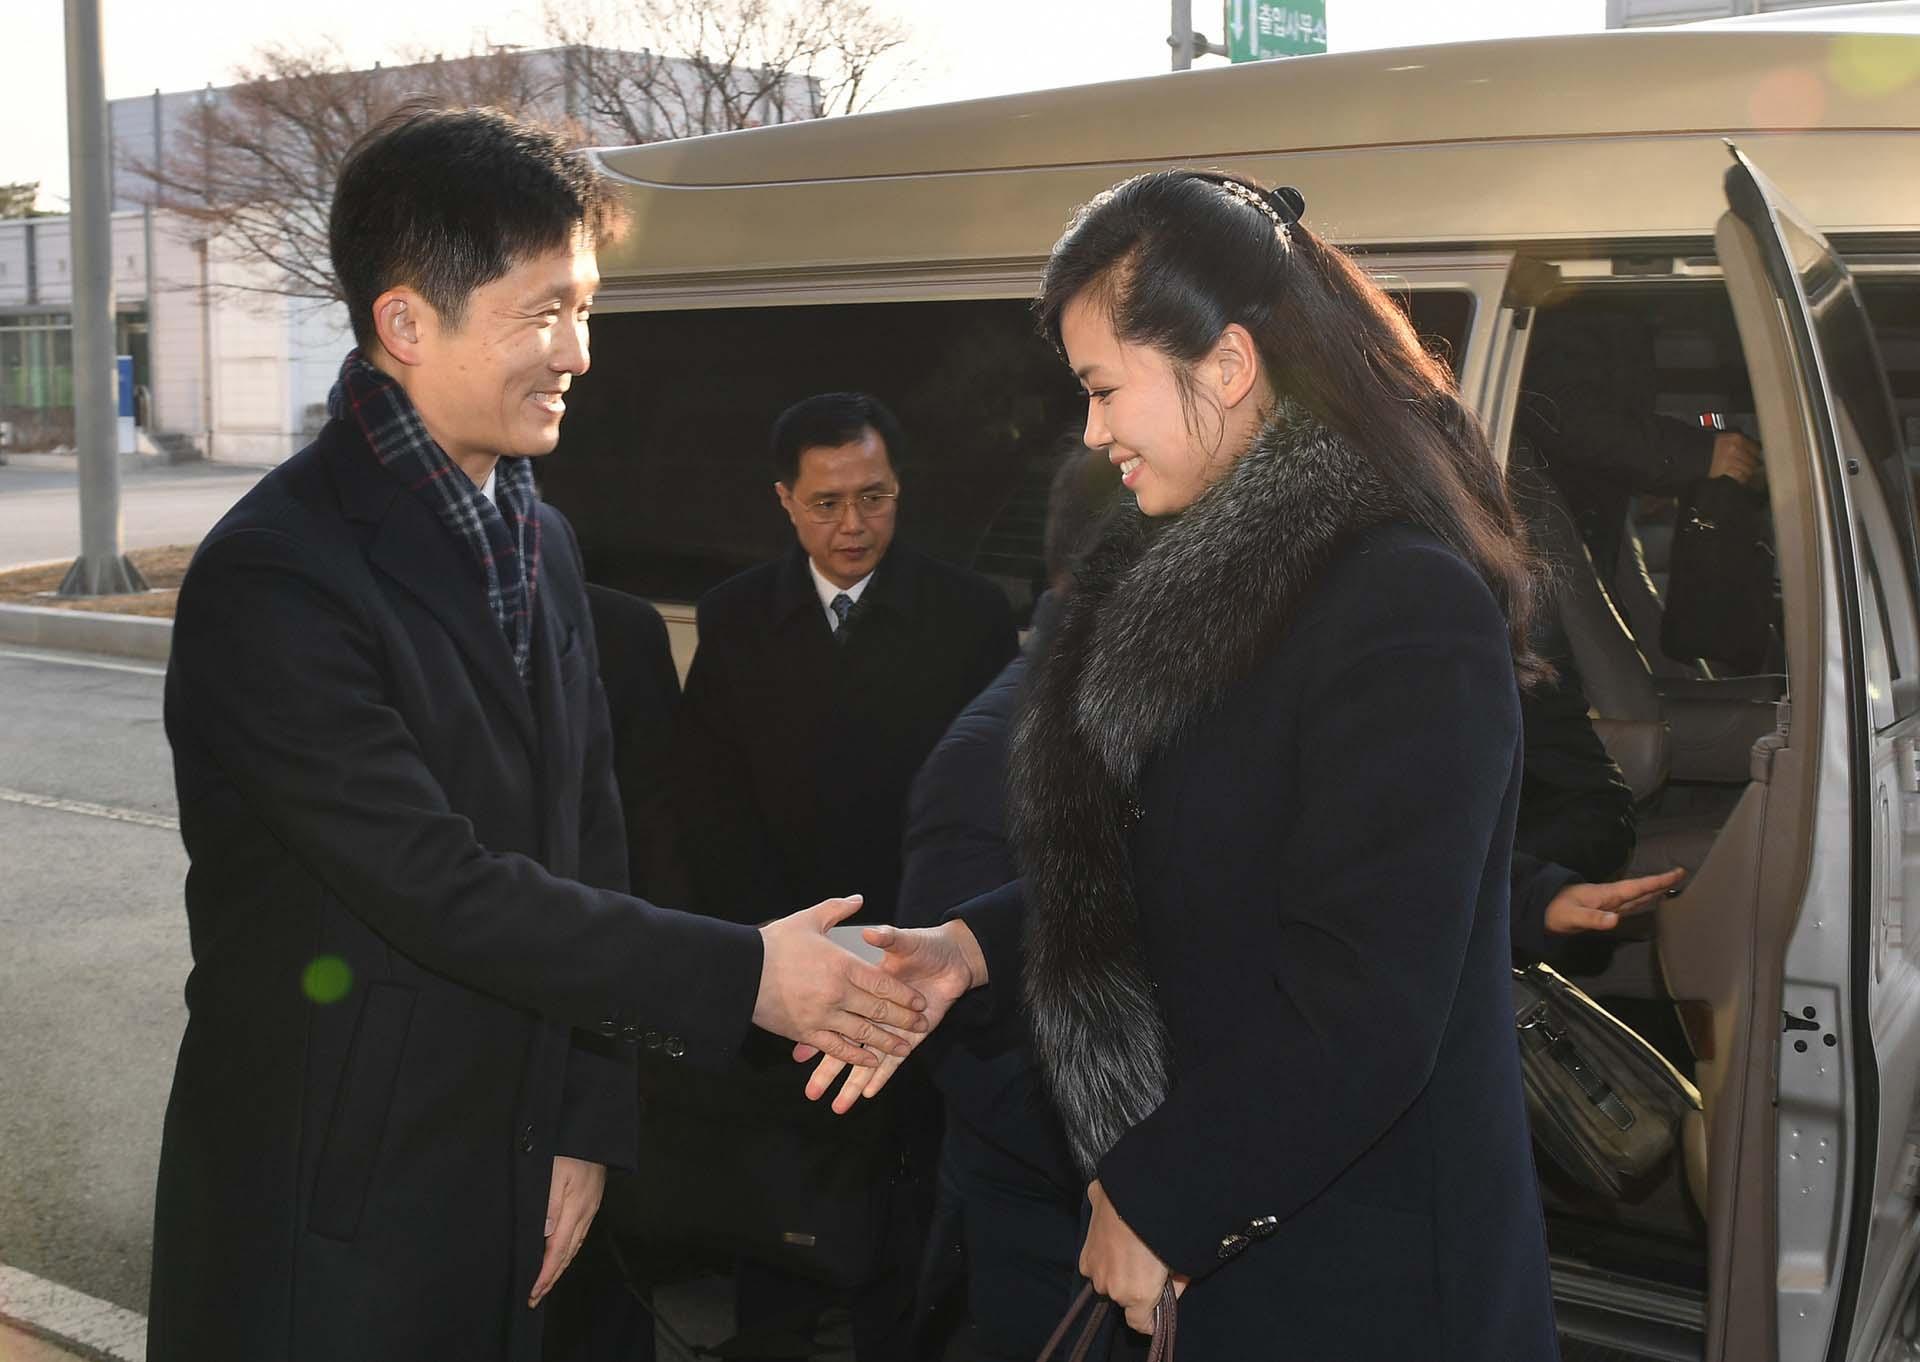 La cantante pop norcoreana Hyon Song-Wol es recibida por un funcionario cerca de la zona desmilitarizada que divide a la península coreana el 21 de enero